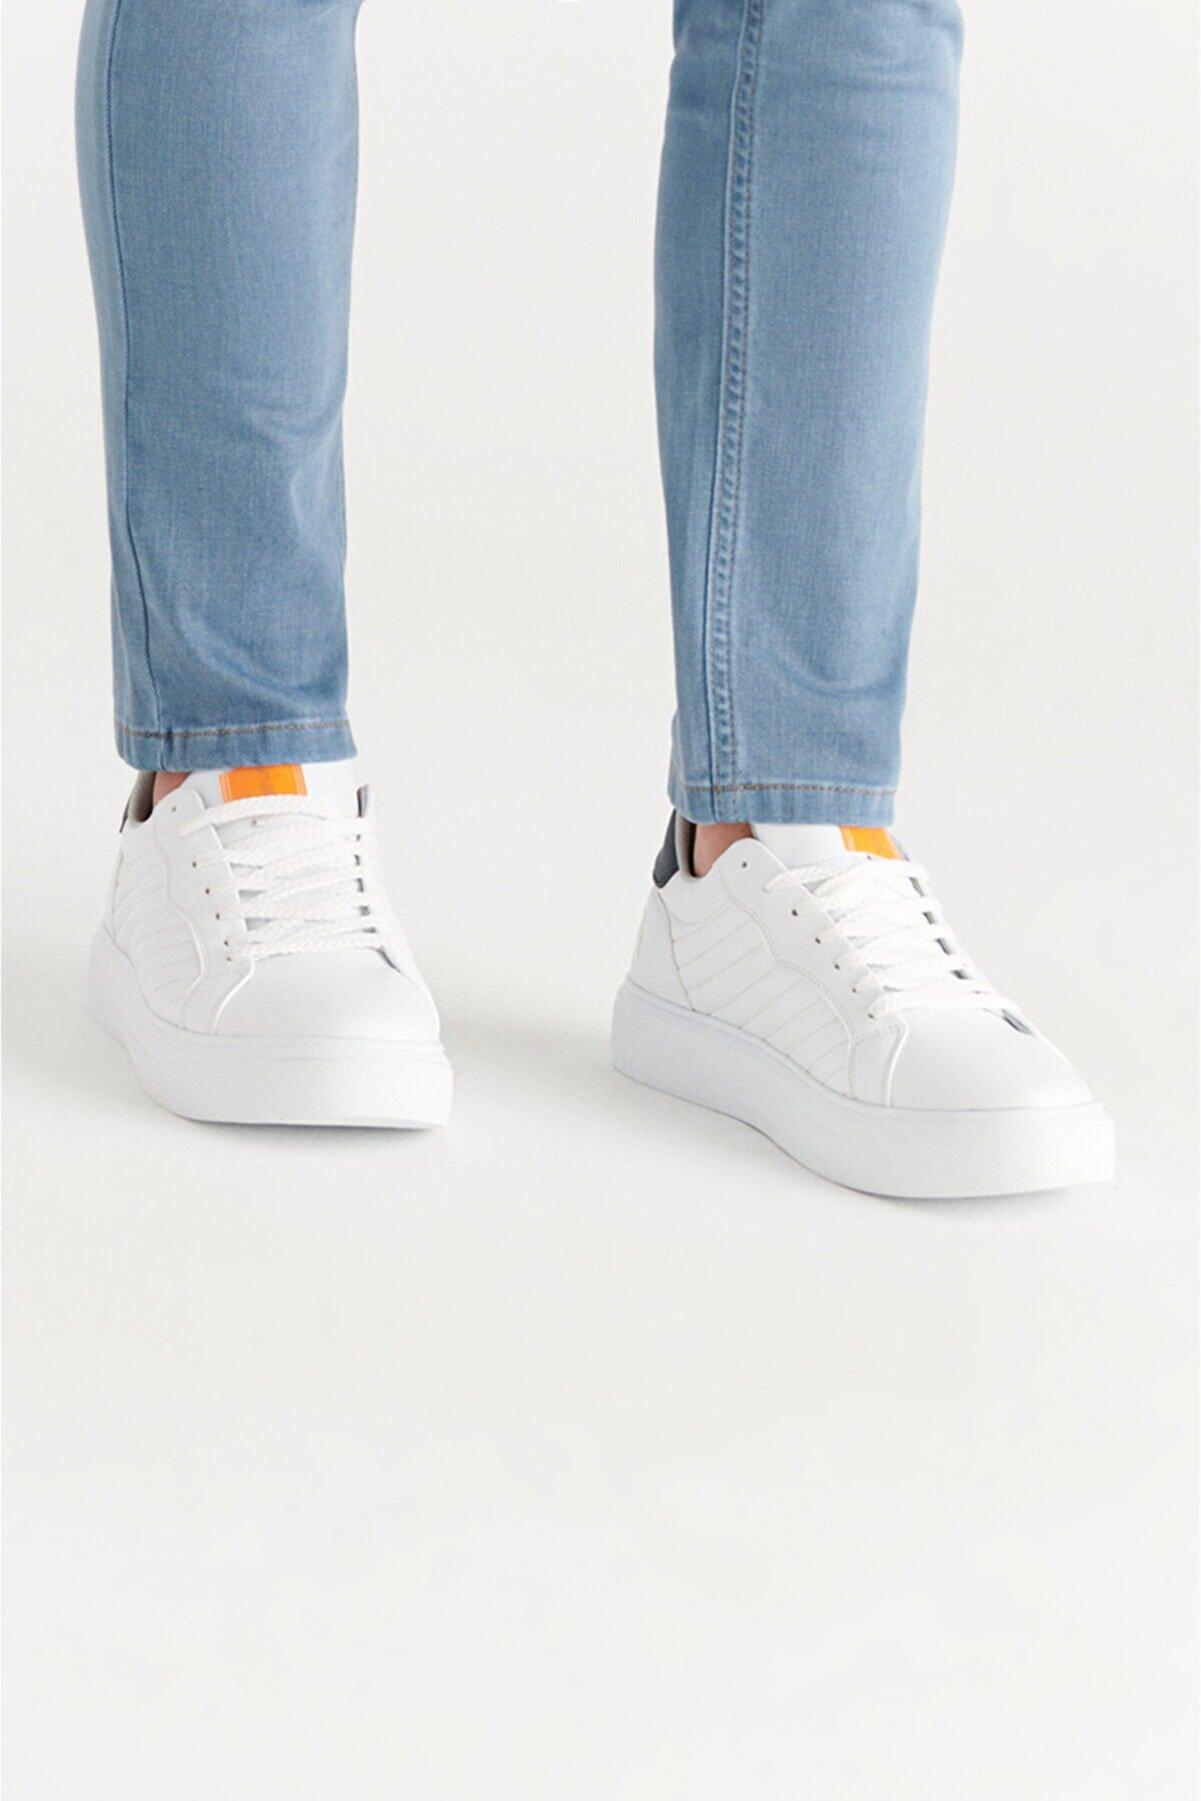 Avva Erkek Beyaz Kapitone Detaylı Suni Deri Spor Ayakkabı A11y8021